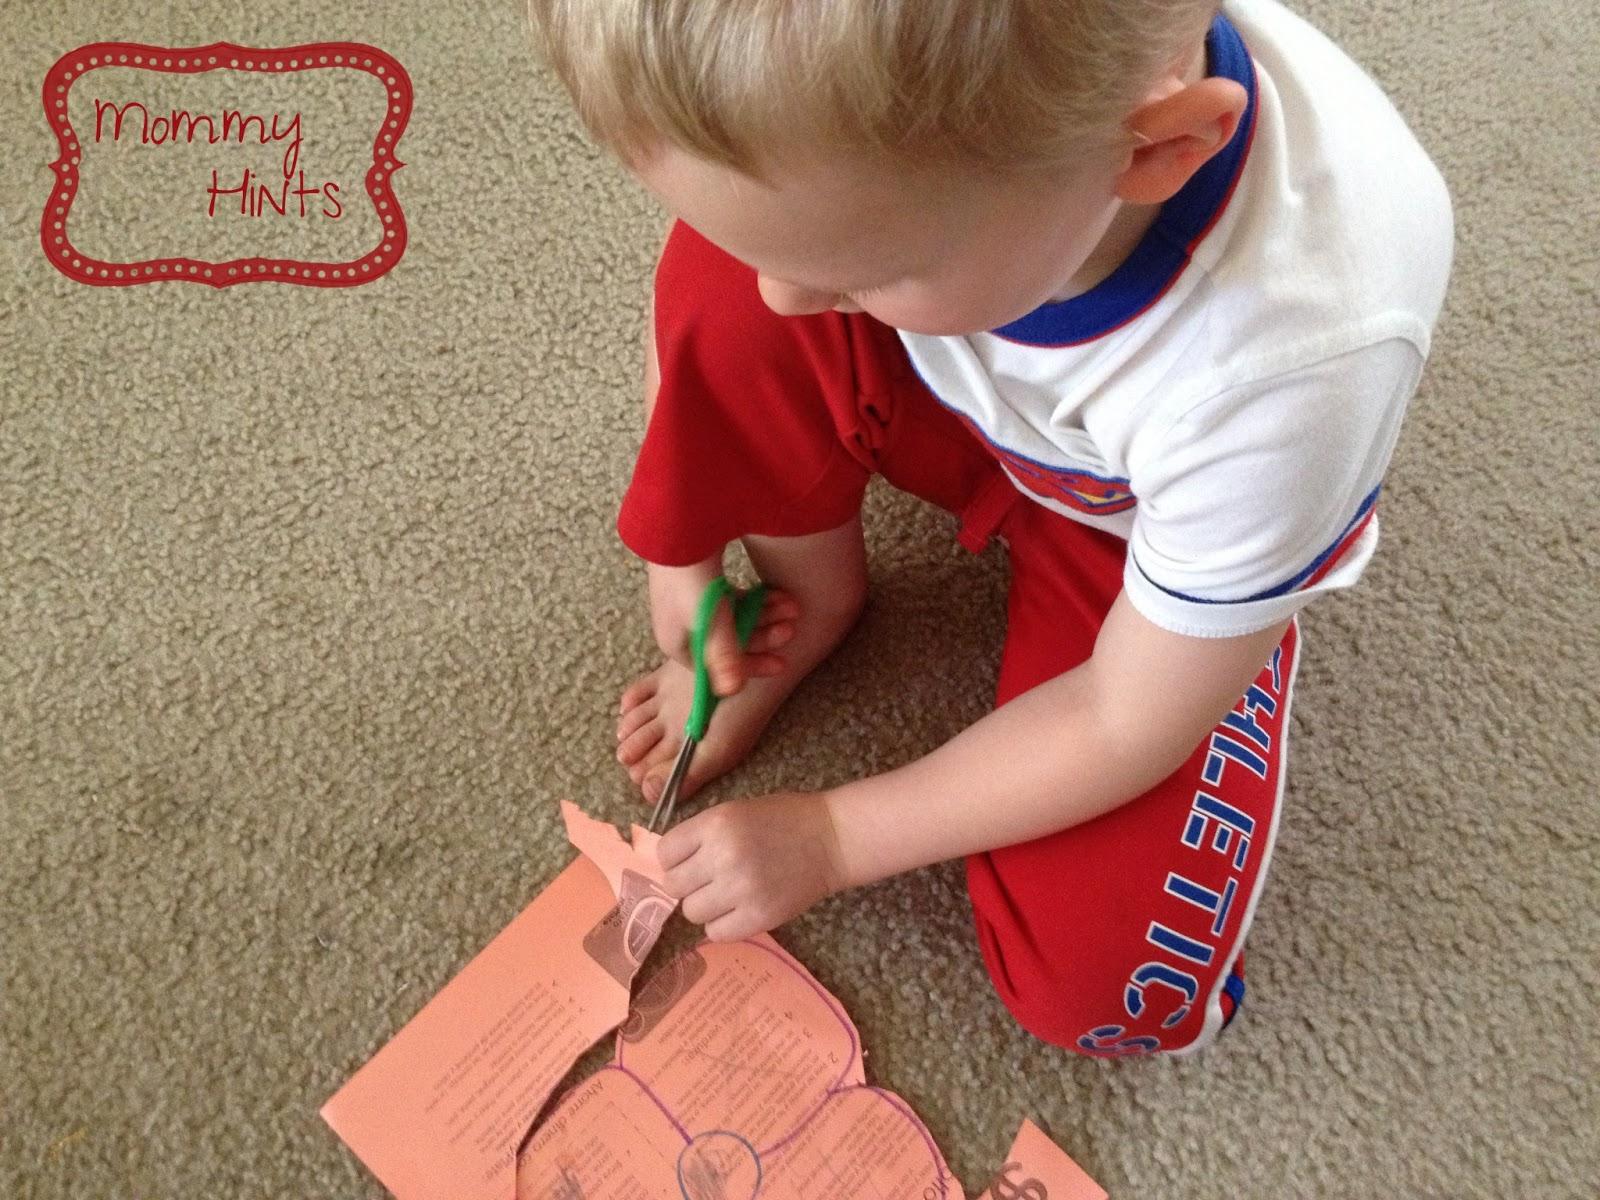 Mommy Hints Activities For Preschoolers Scissor Skills